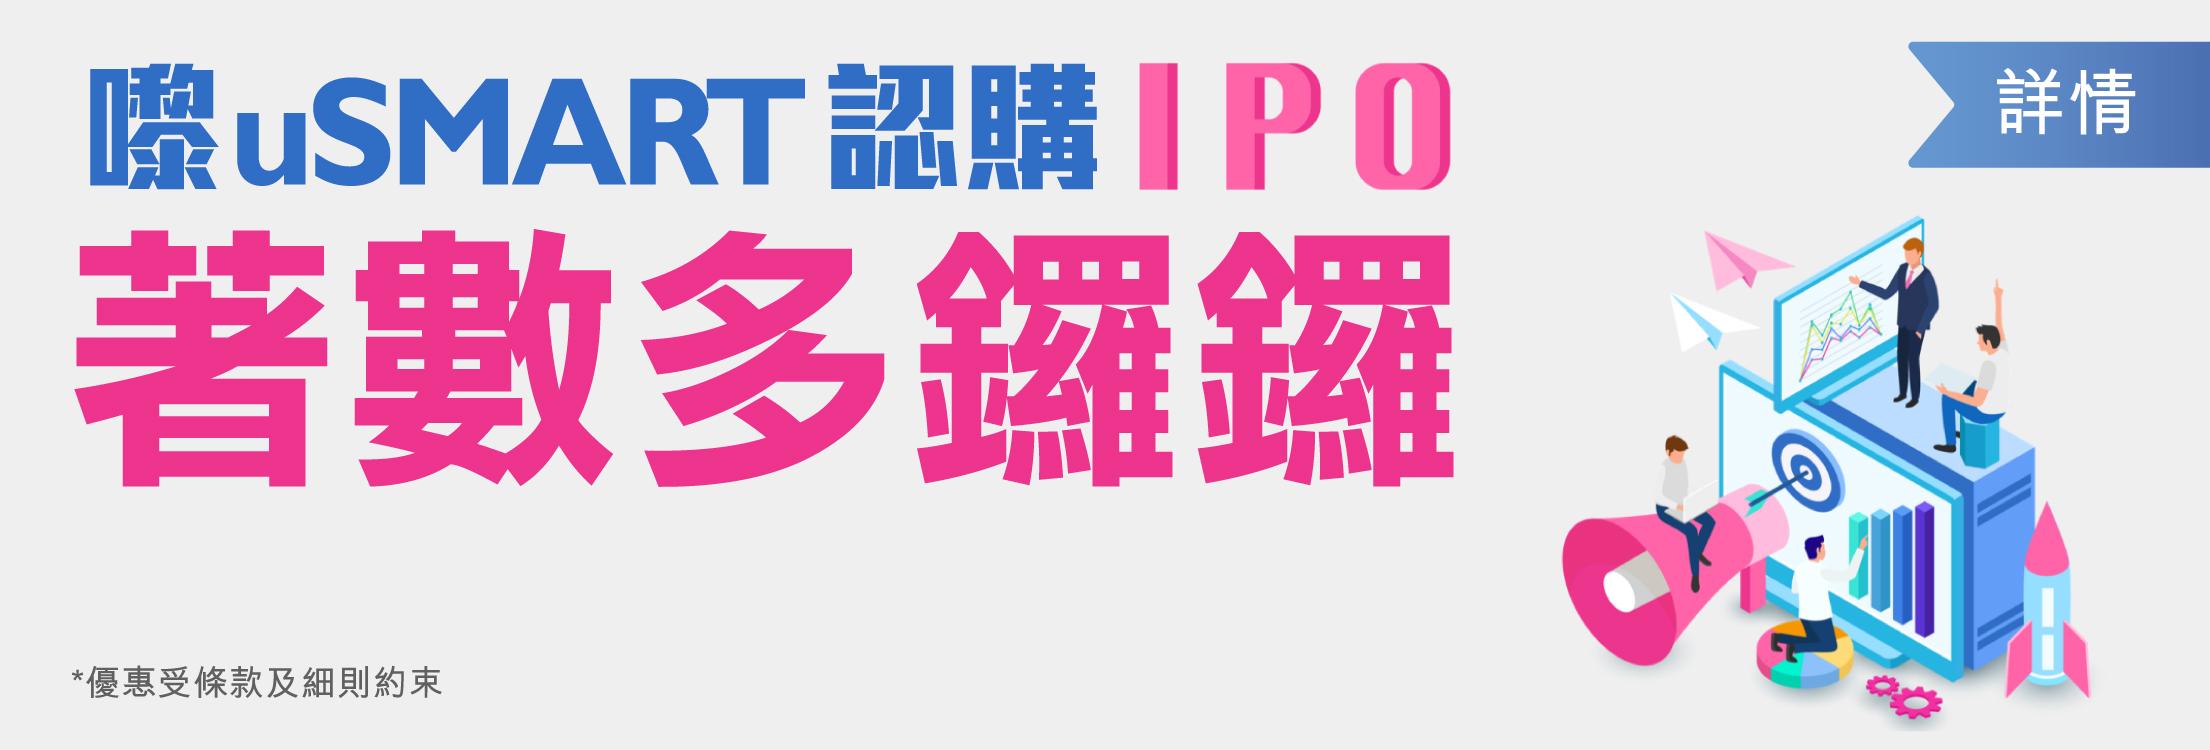 认购新股IPO 着数多锣锣